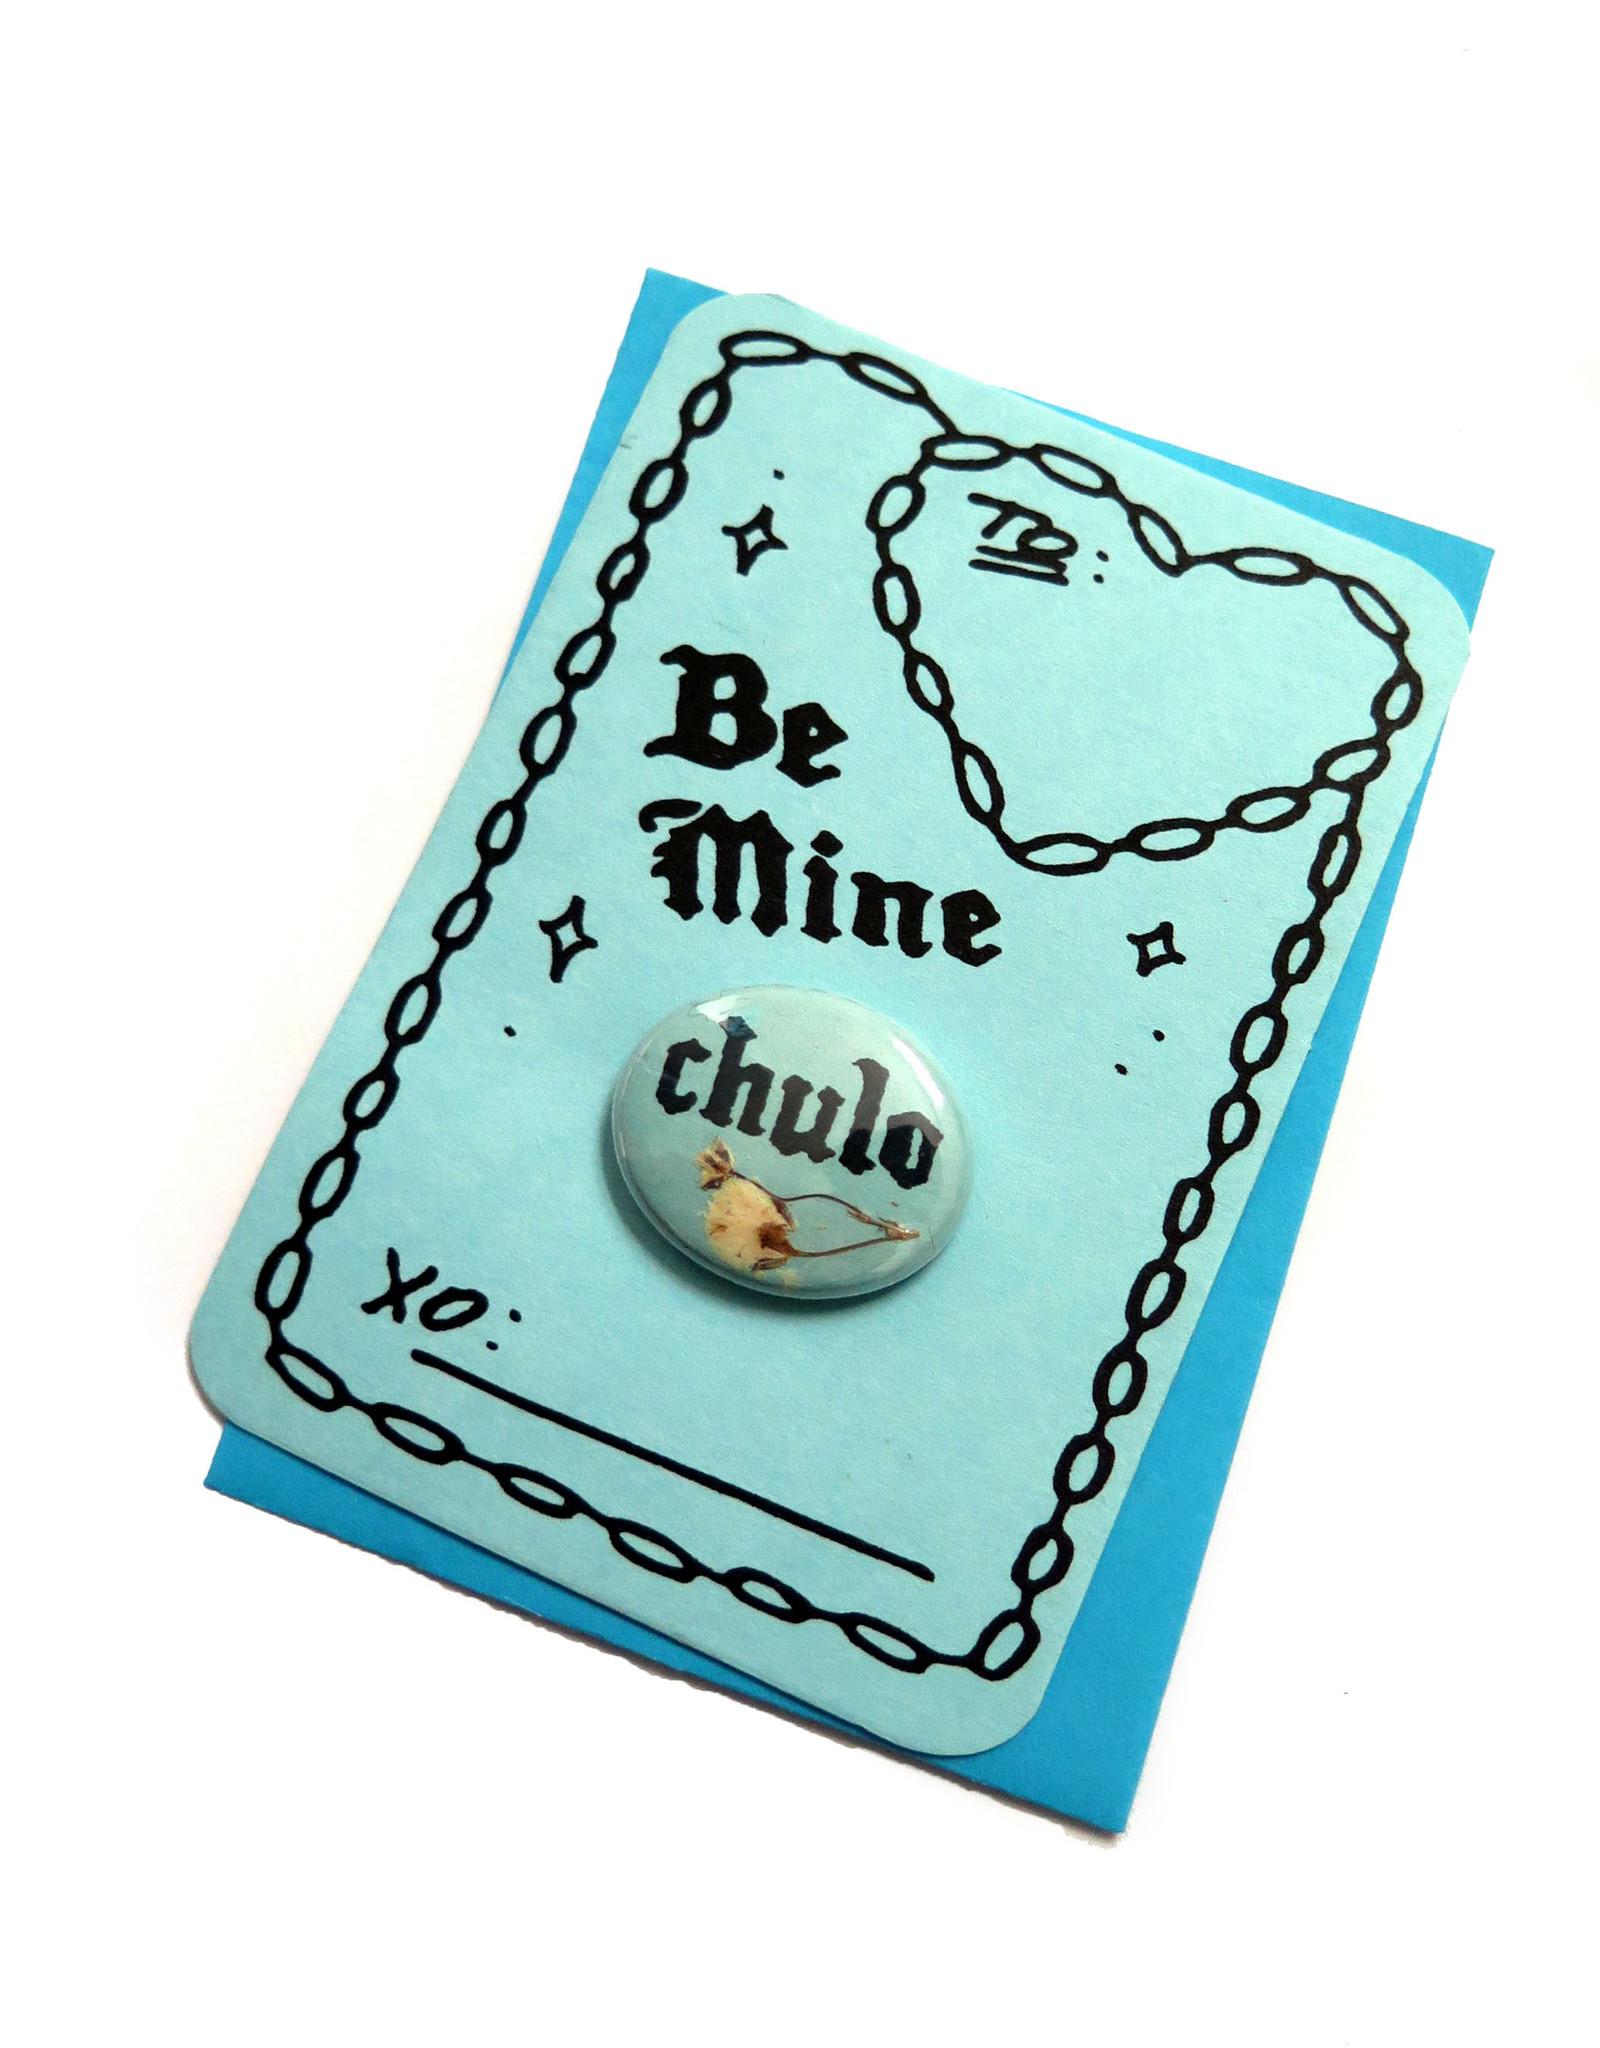 Julia Arredondo Chulo Valentine Button and Card by Julia Arredondo